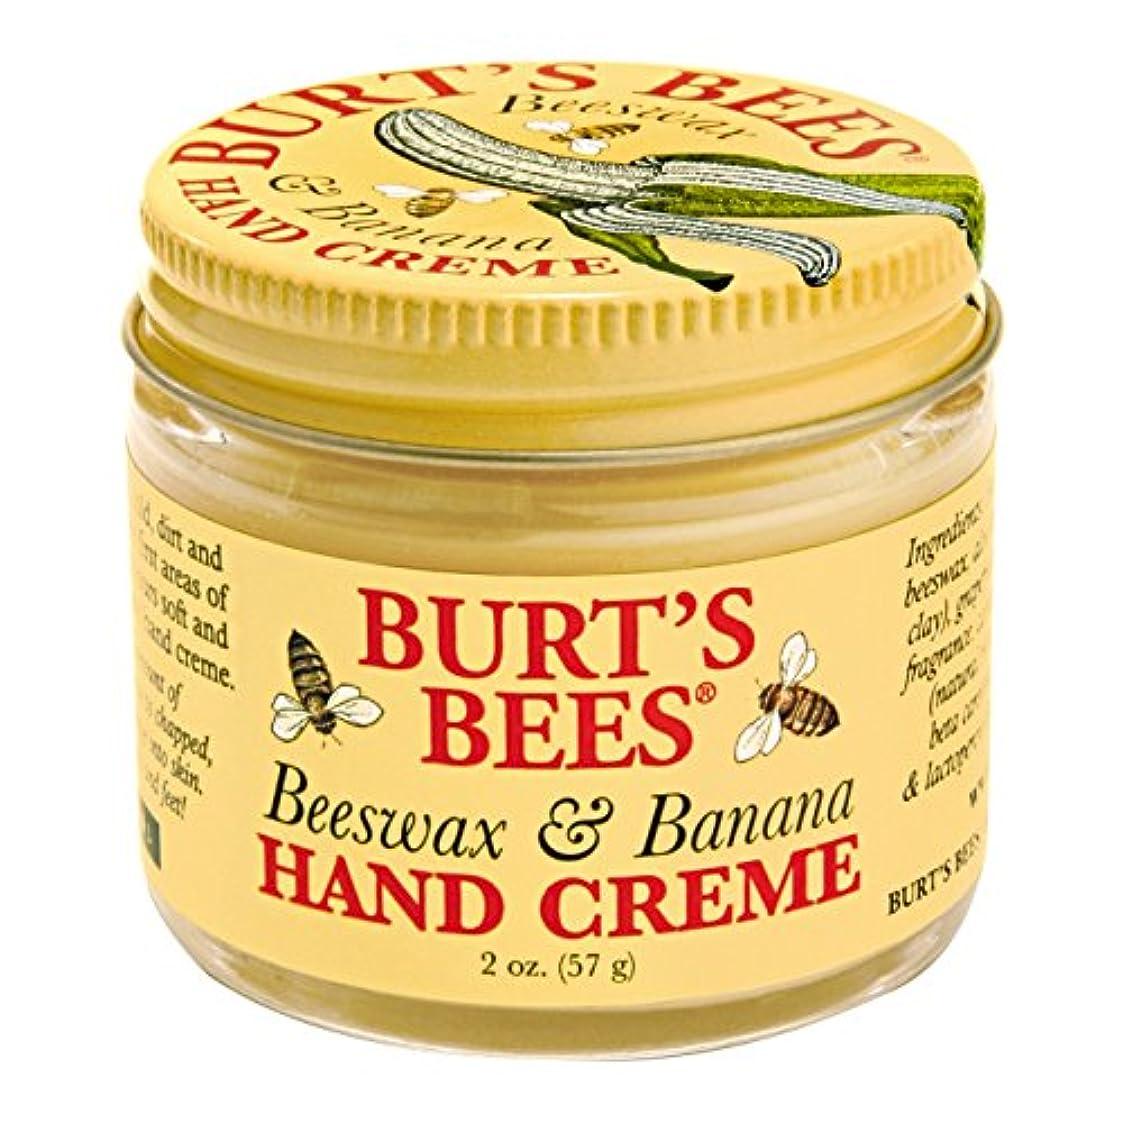 グレー海洋継続中バーツビーの蜜蝋&バナナハンドクリーム57グラム (Burt's Bees) - Burt's Bees Beeswax & Banana Hand Creme 57g [並行輸入品]